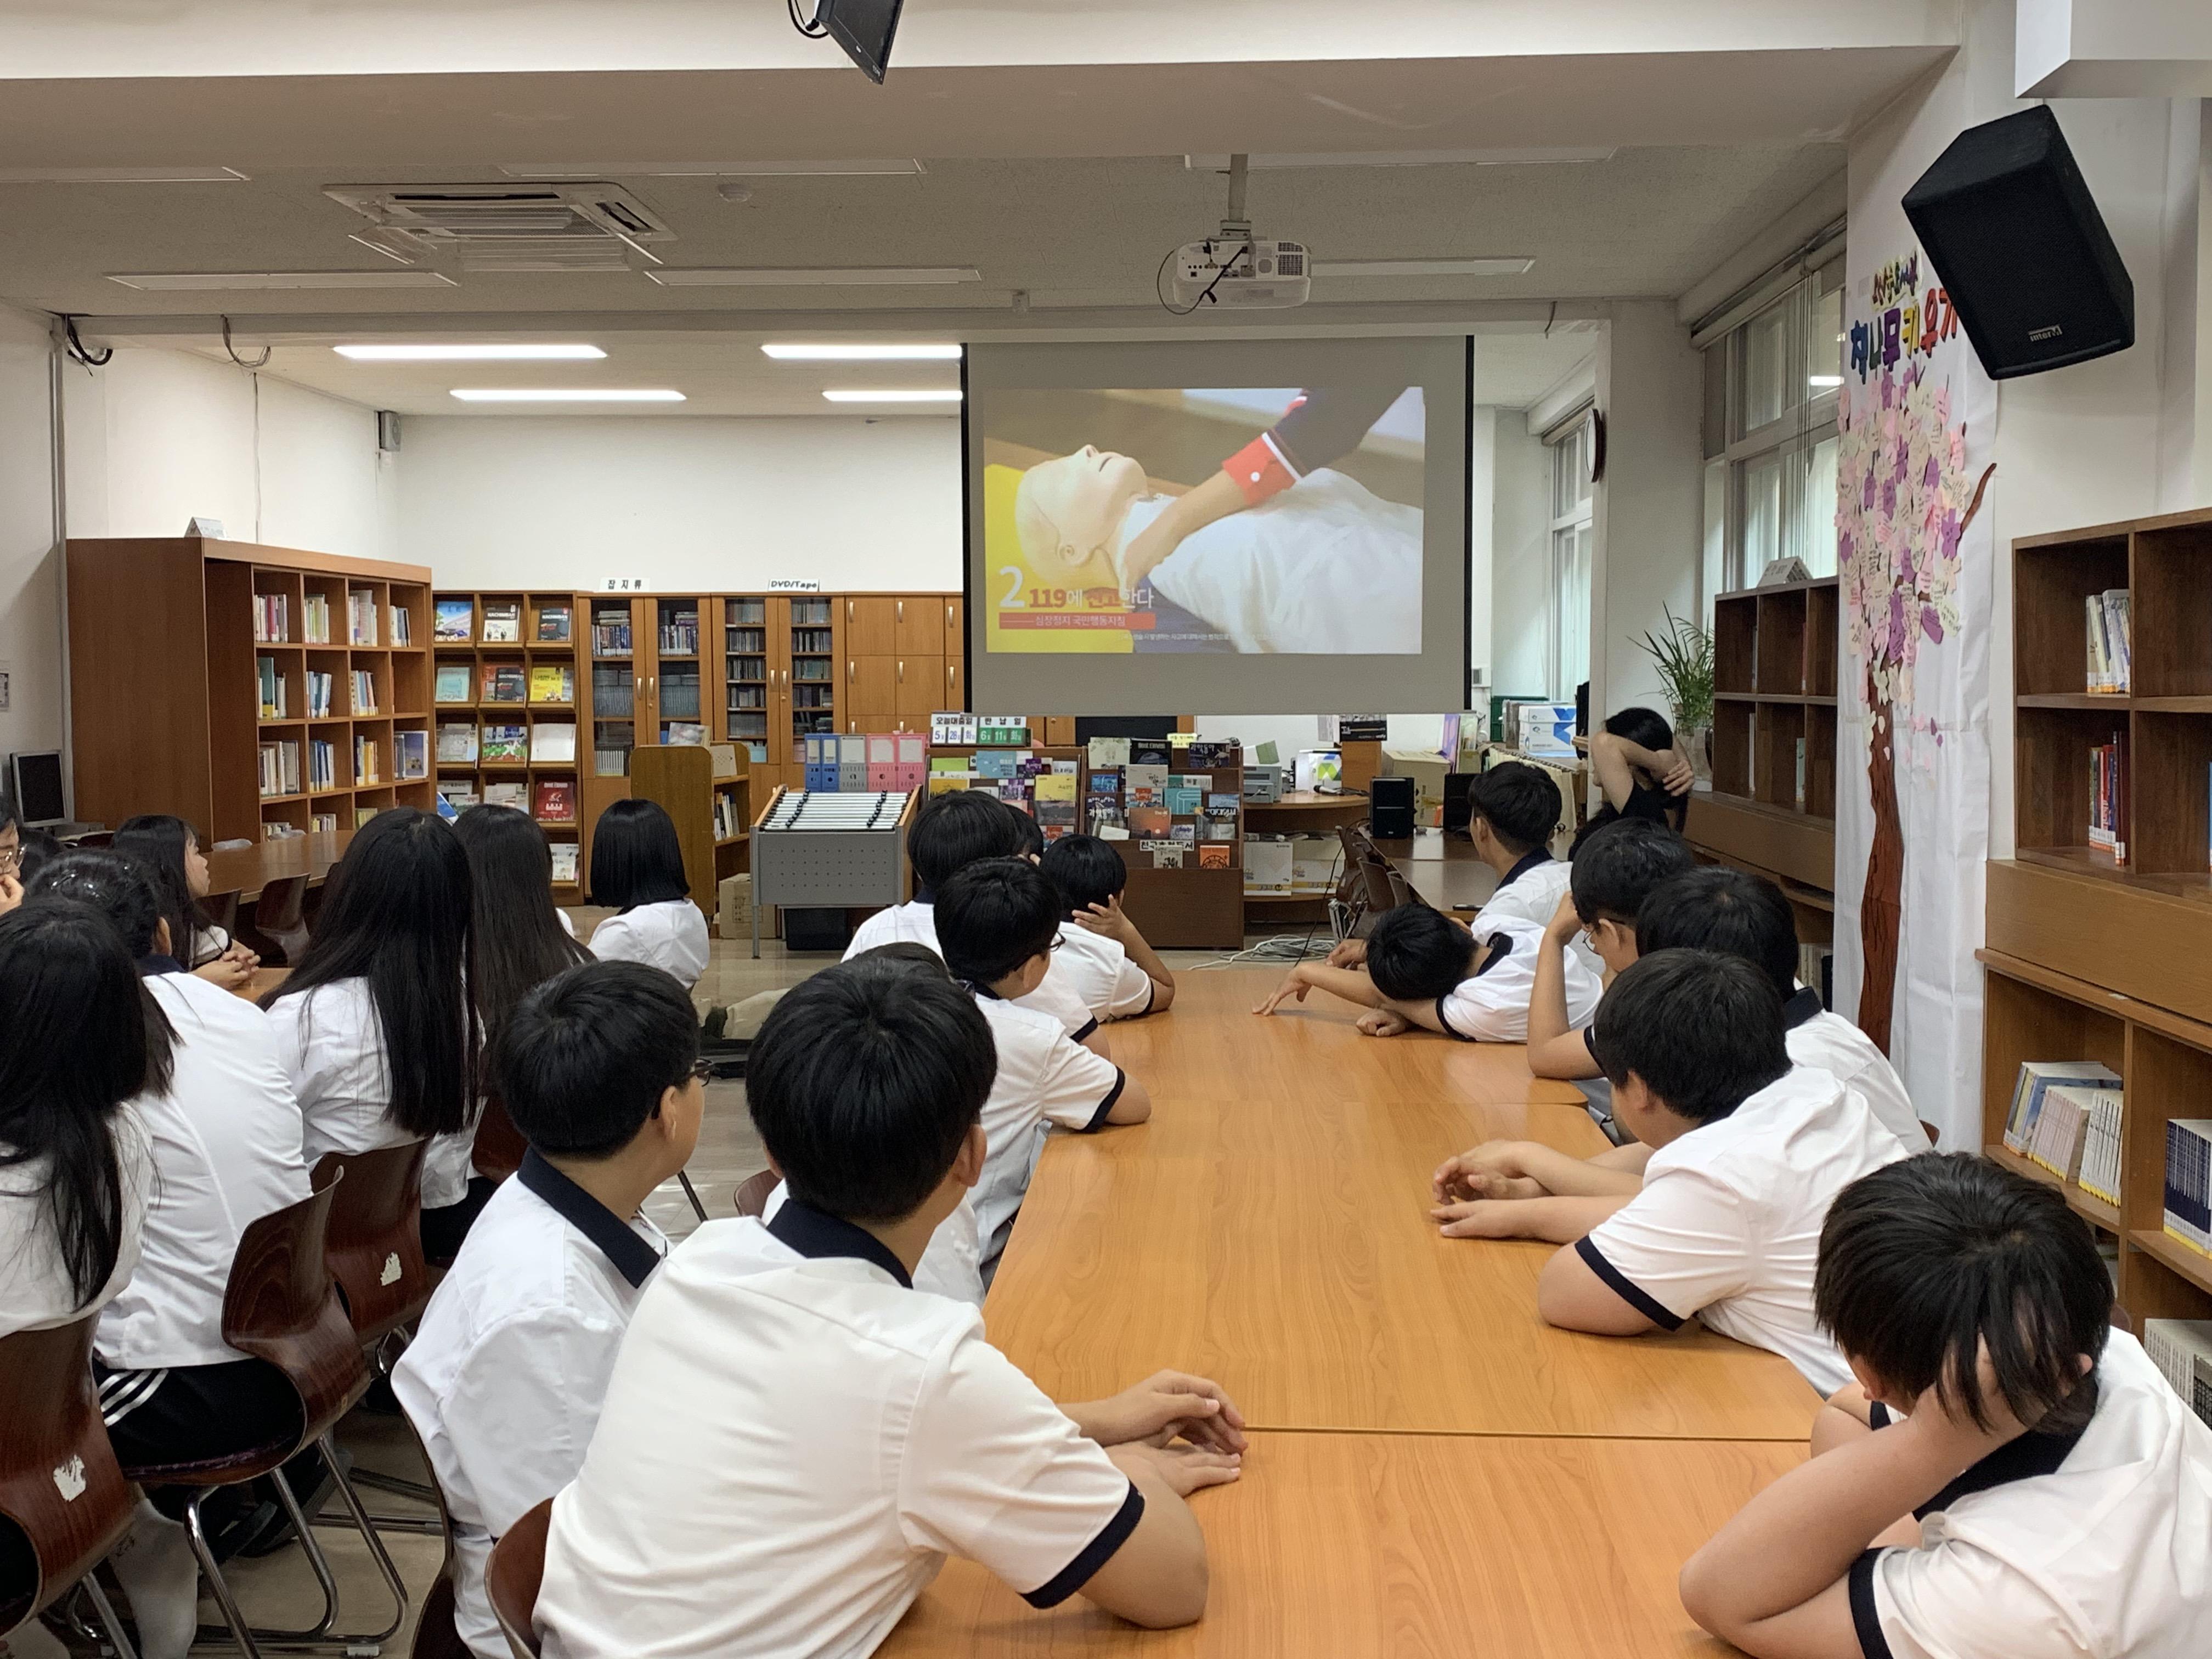 [일반] 1학년 시민안전체험 교육프로그램 실시의 첨부이미지 4